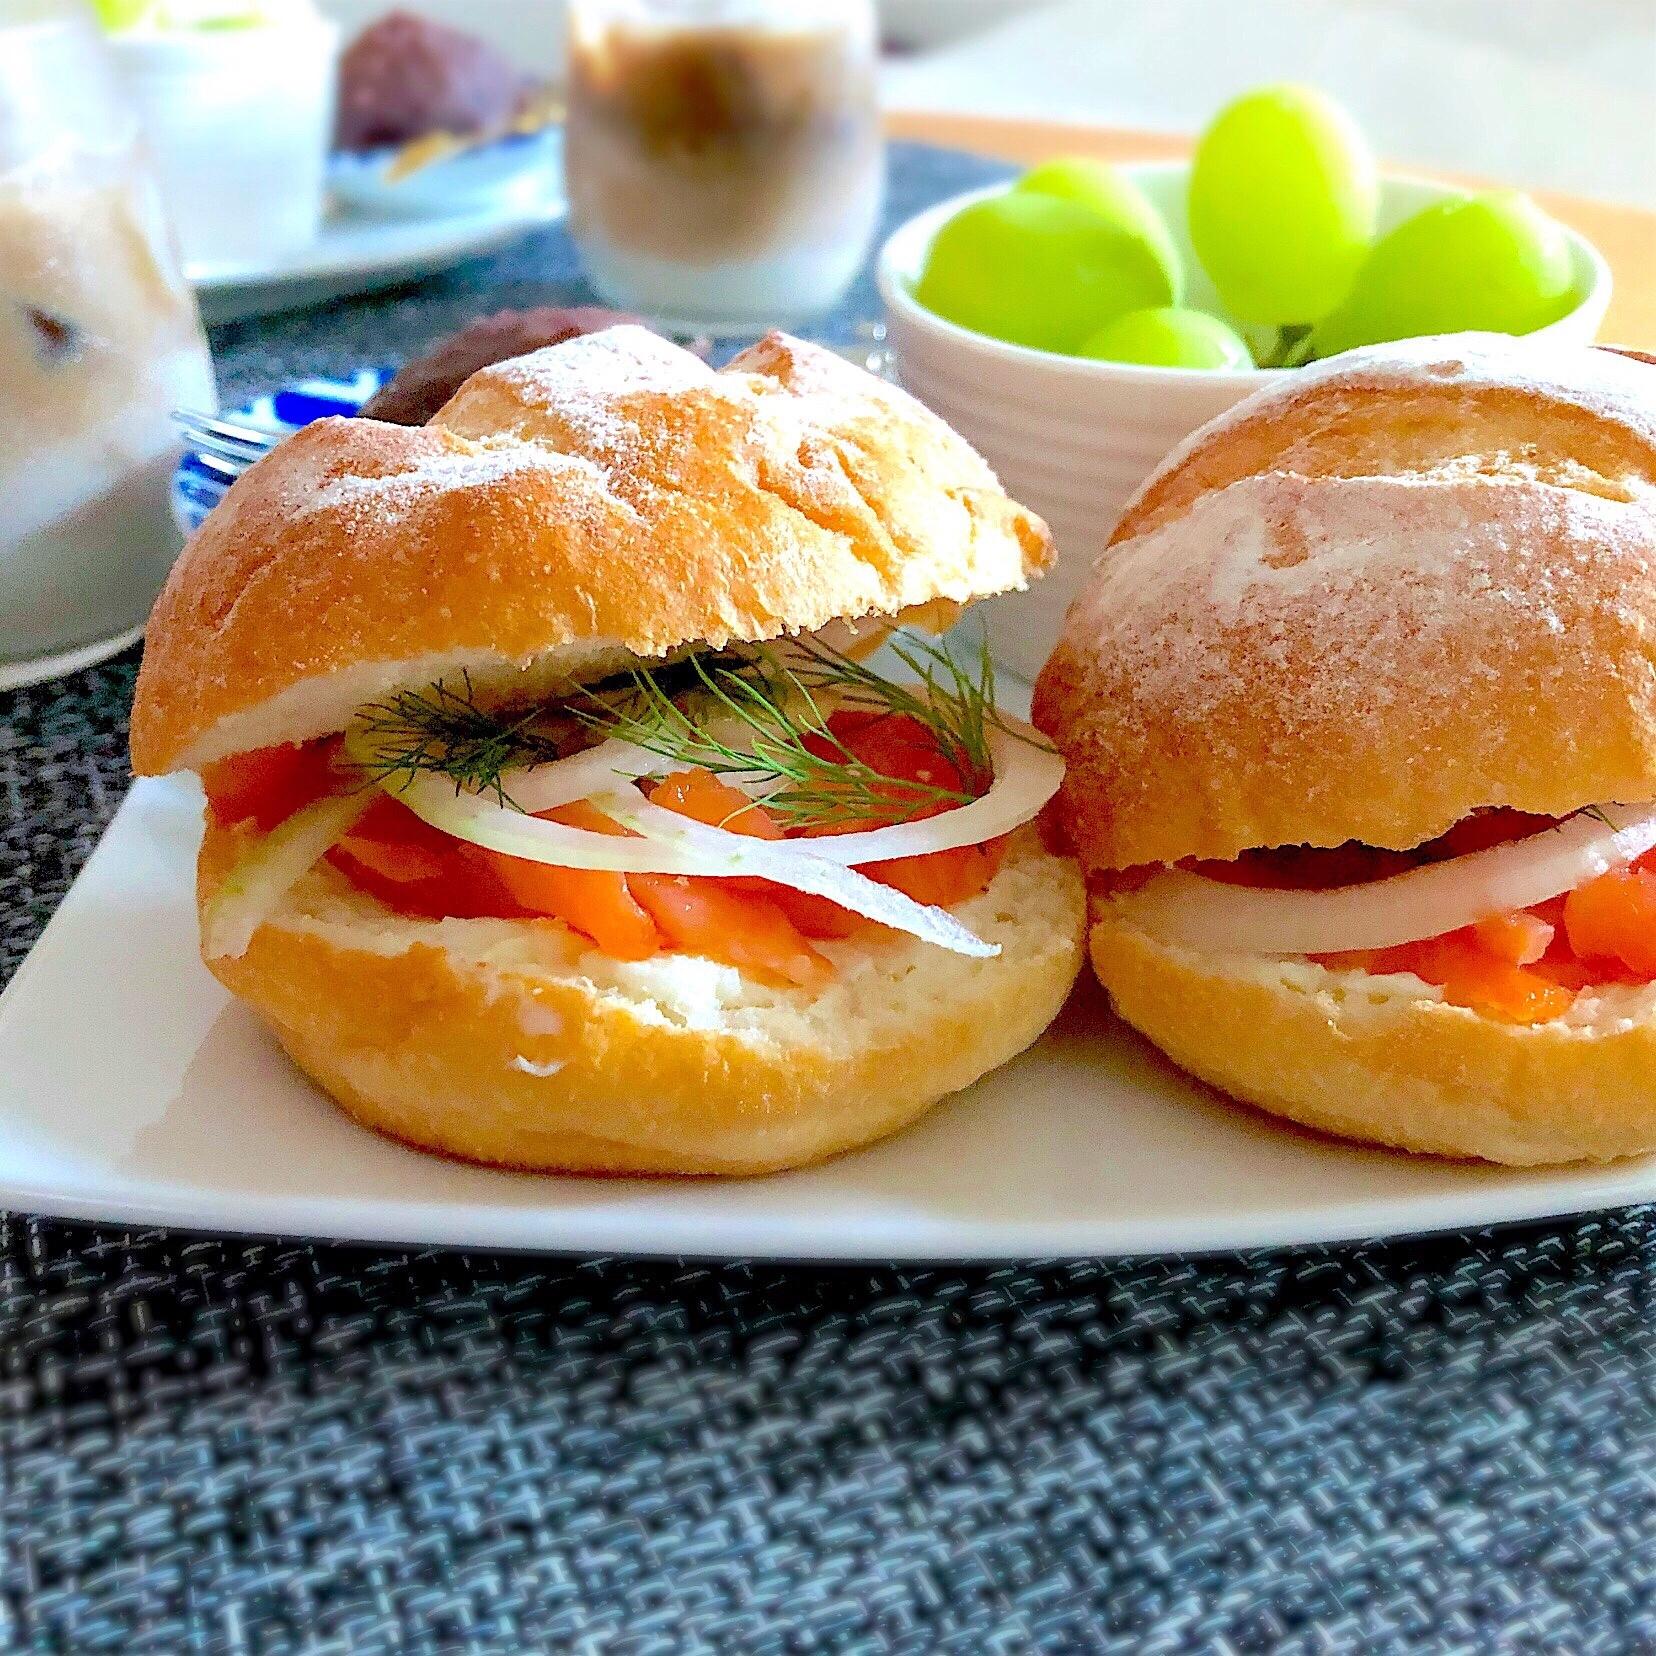 スモークサーモンとクリームチーズのサンドイッチ レシピ・作り方